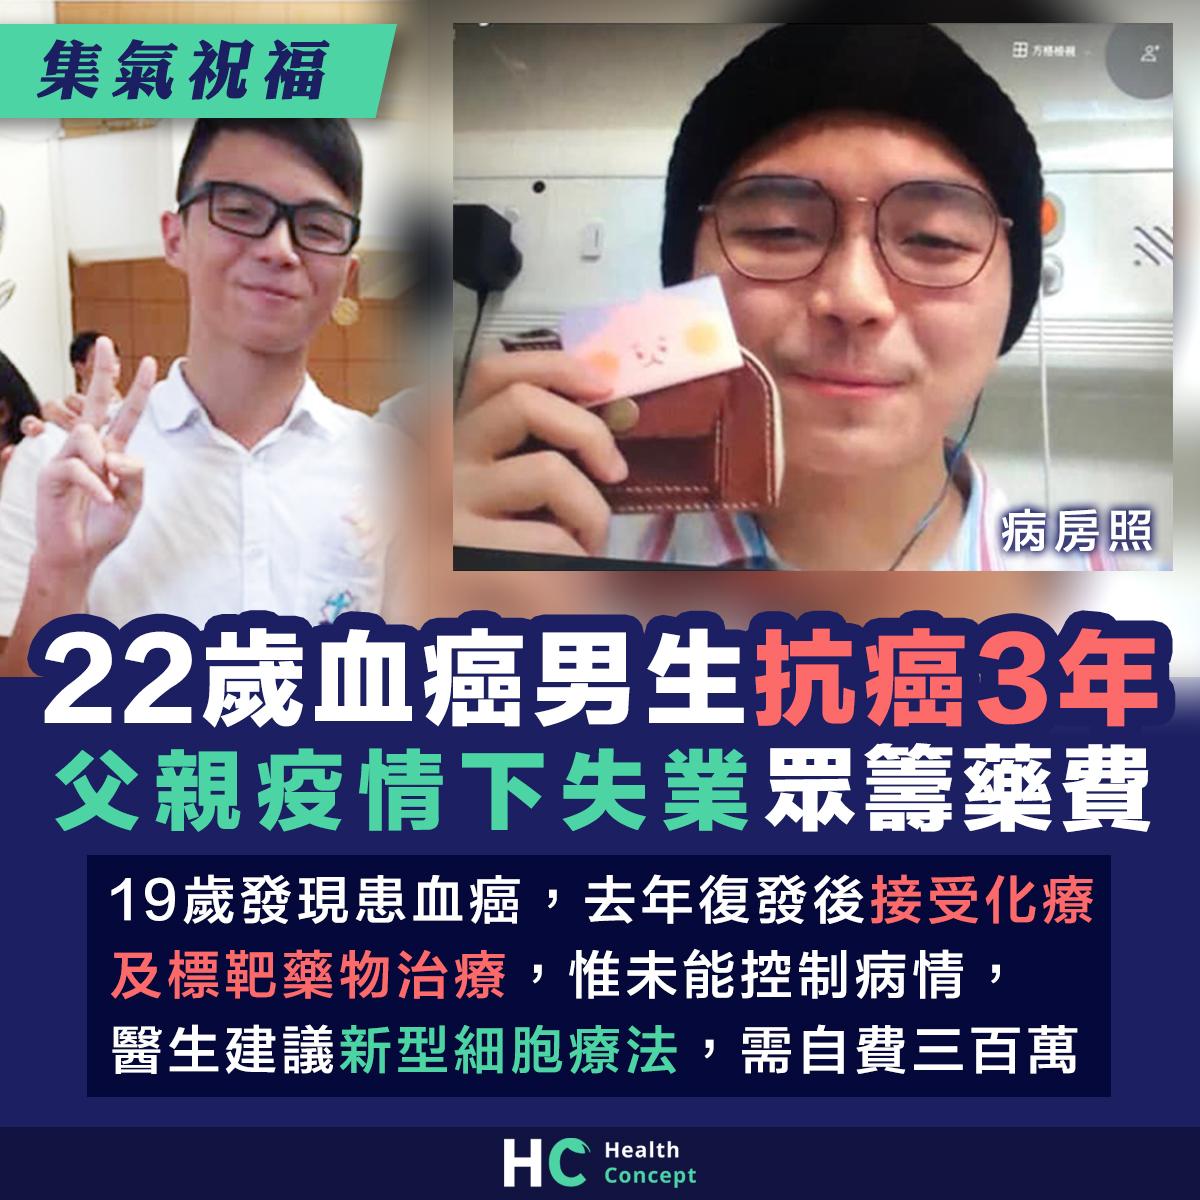 22歲血癌男生抗癌3年 父親疫情下失業頒籌300萬藥費